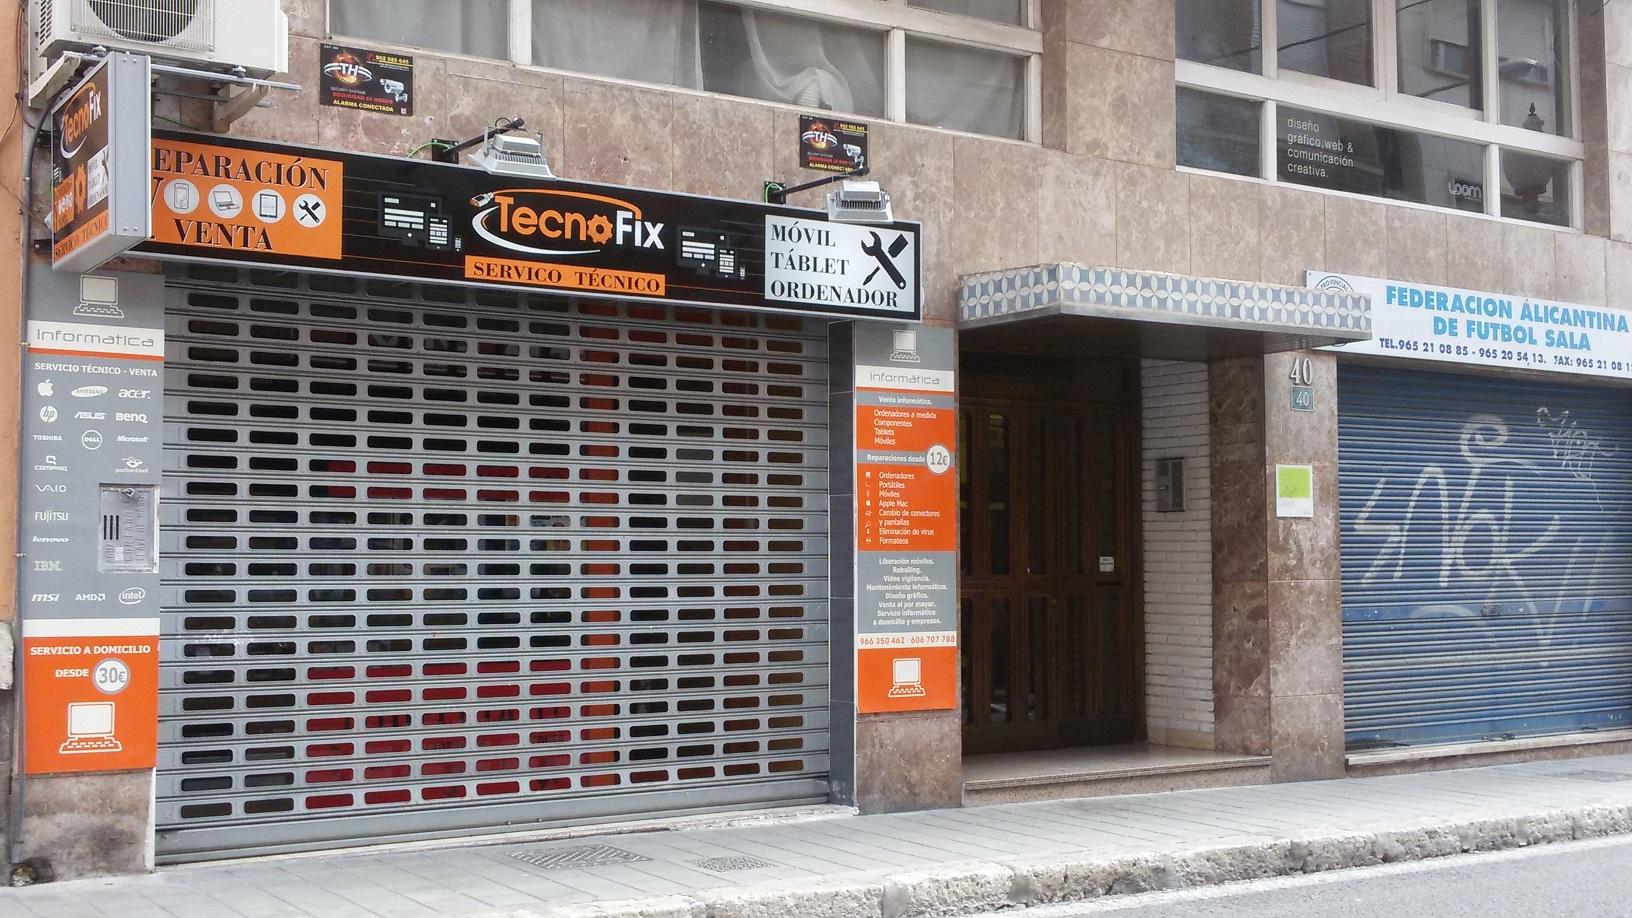 Tecnofix en Padre Mariana 40, Alicante